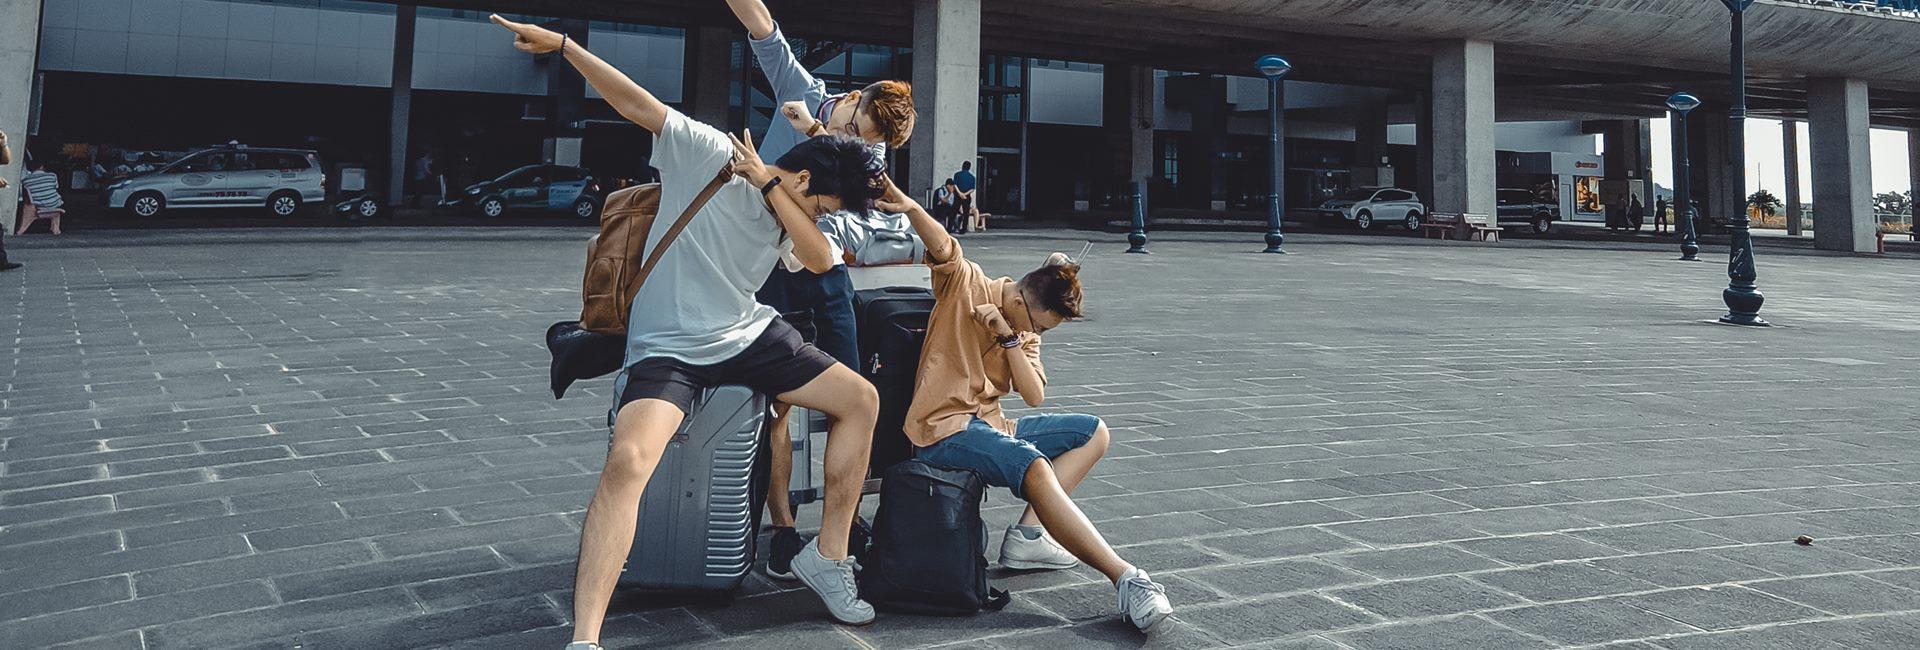 08 choses à faire quand vous ratez un vol